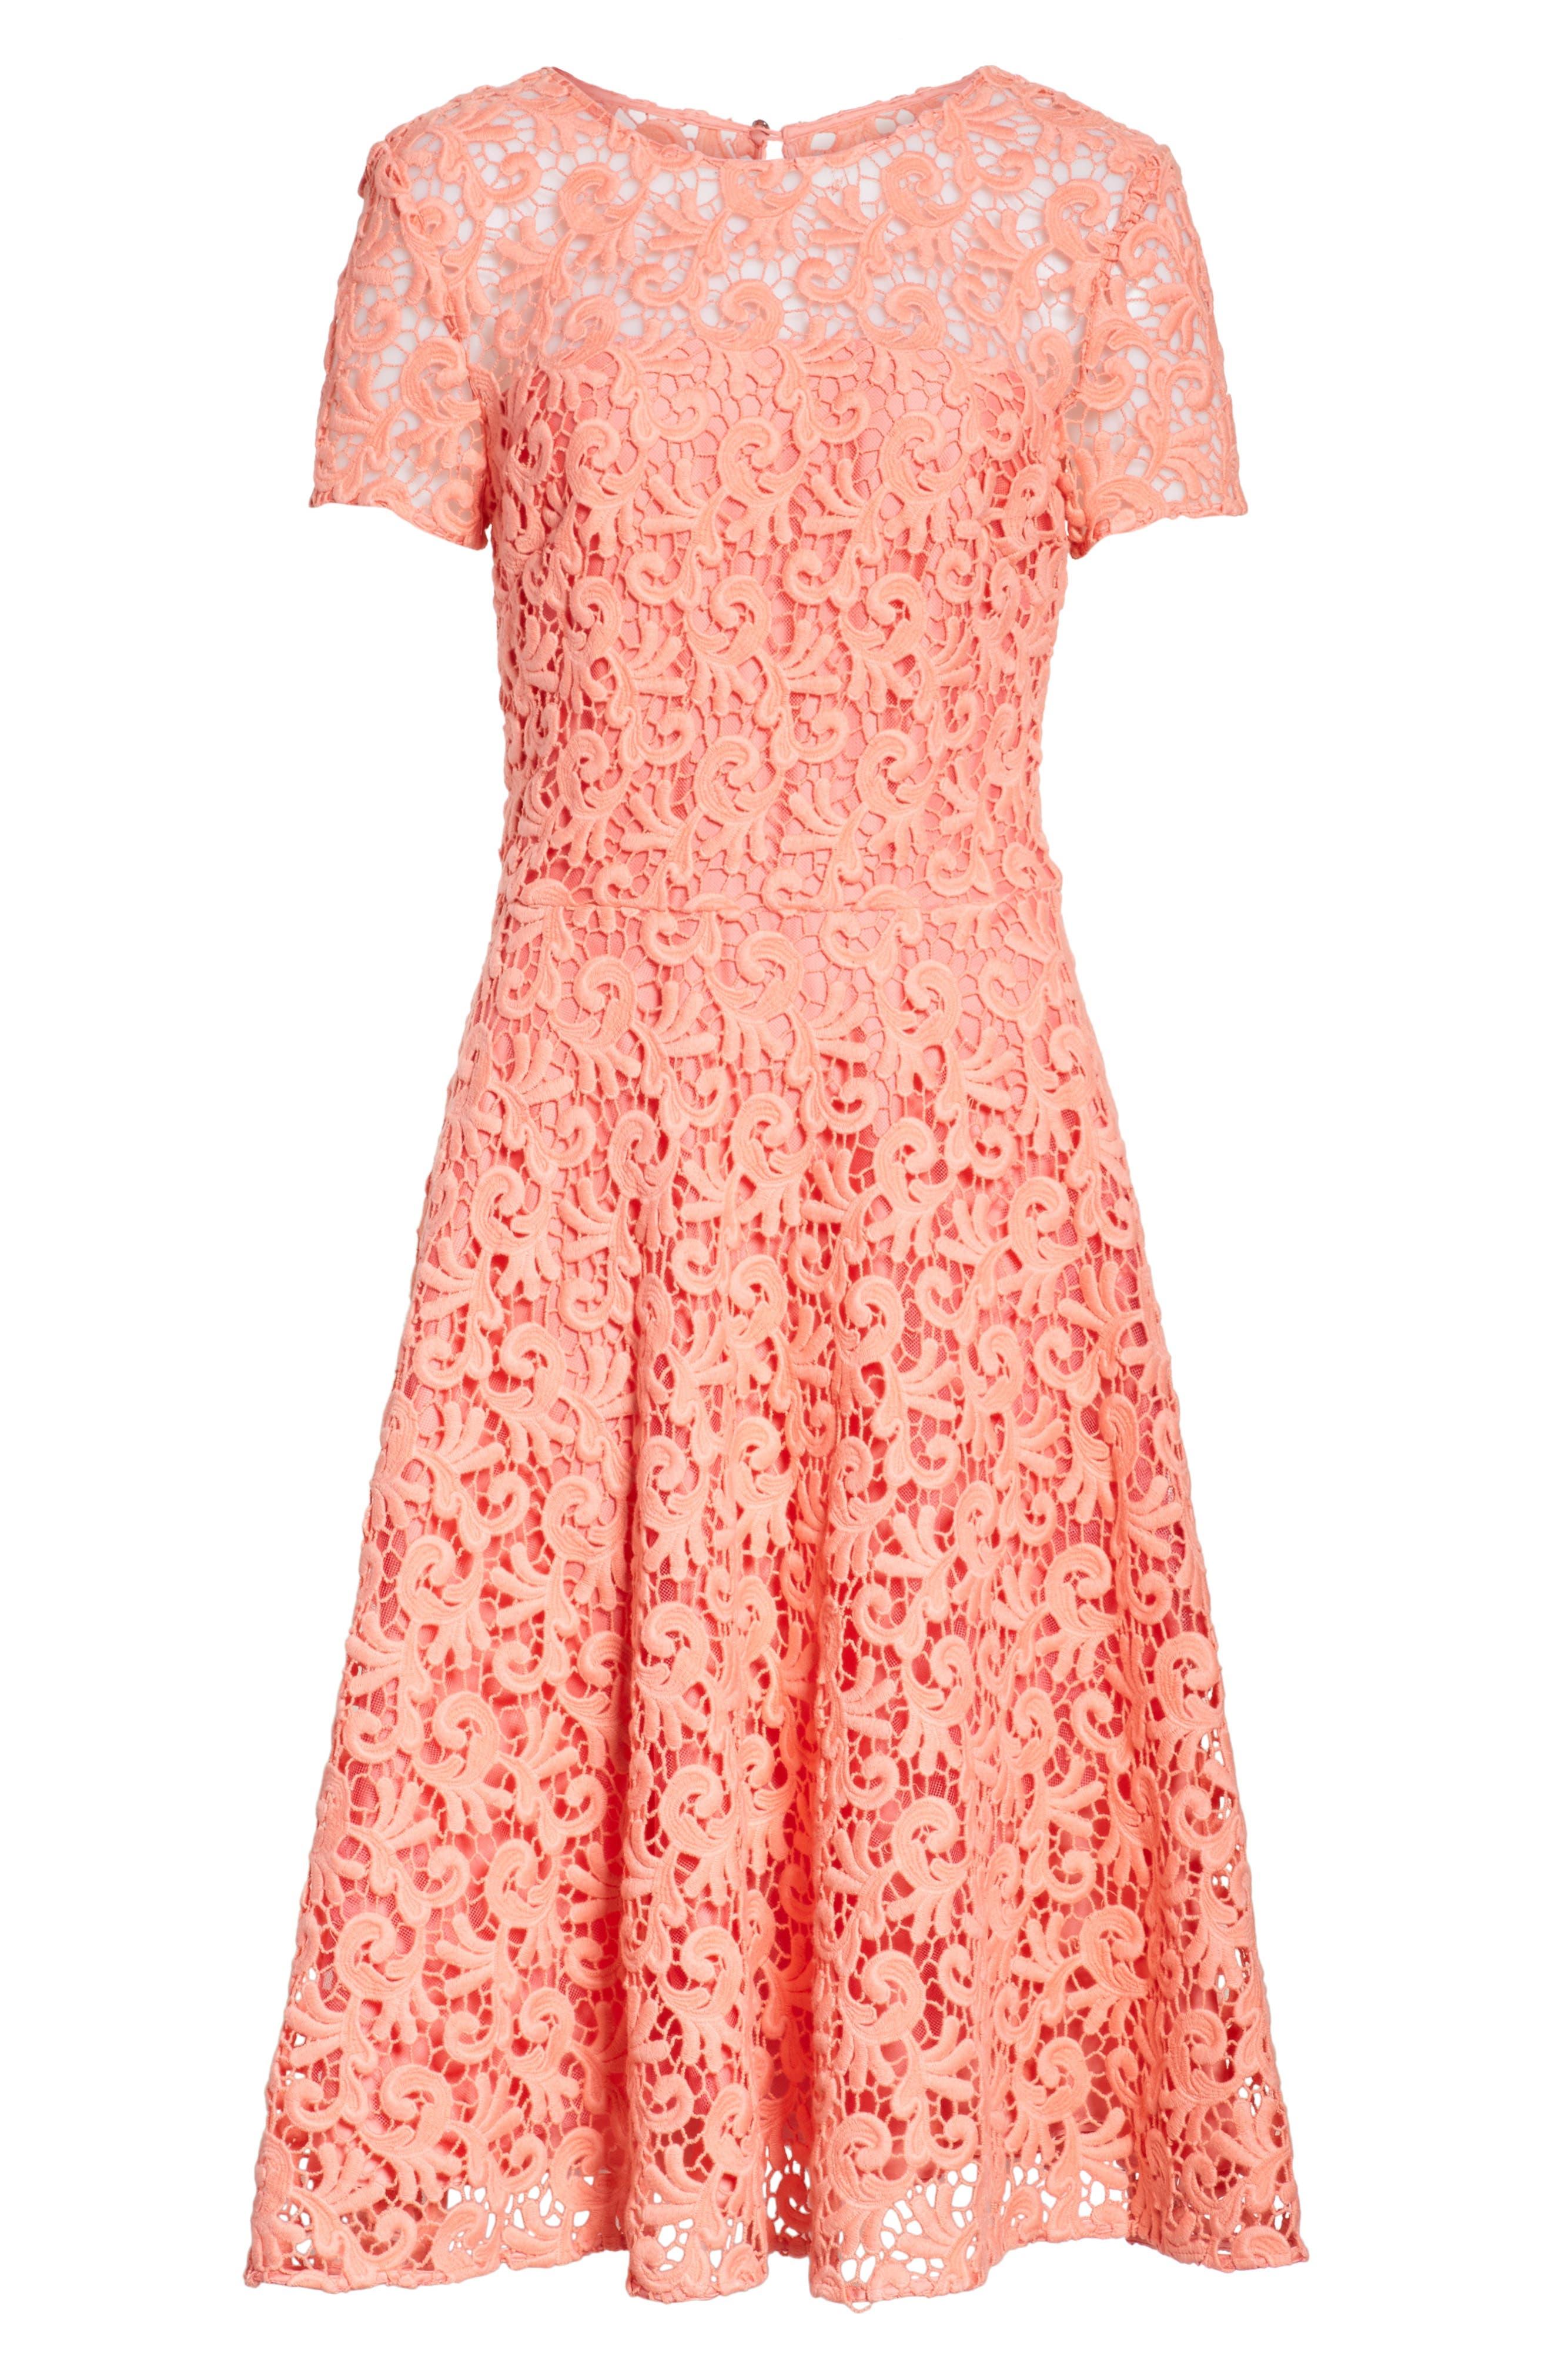 Paisley Guipure Lace Dress,                             Alternate thumbnail 6, color,                             950